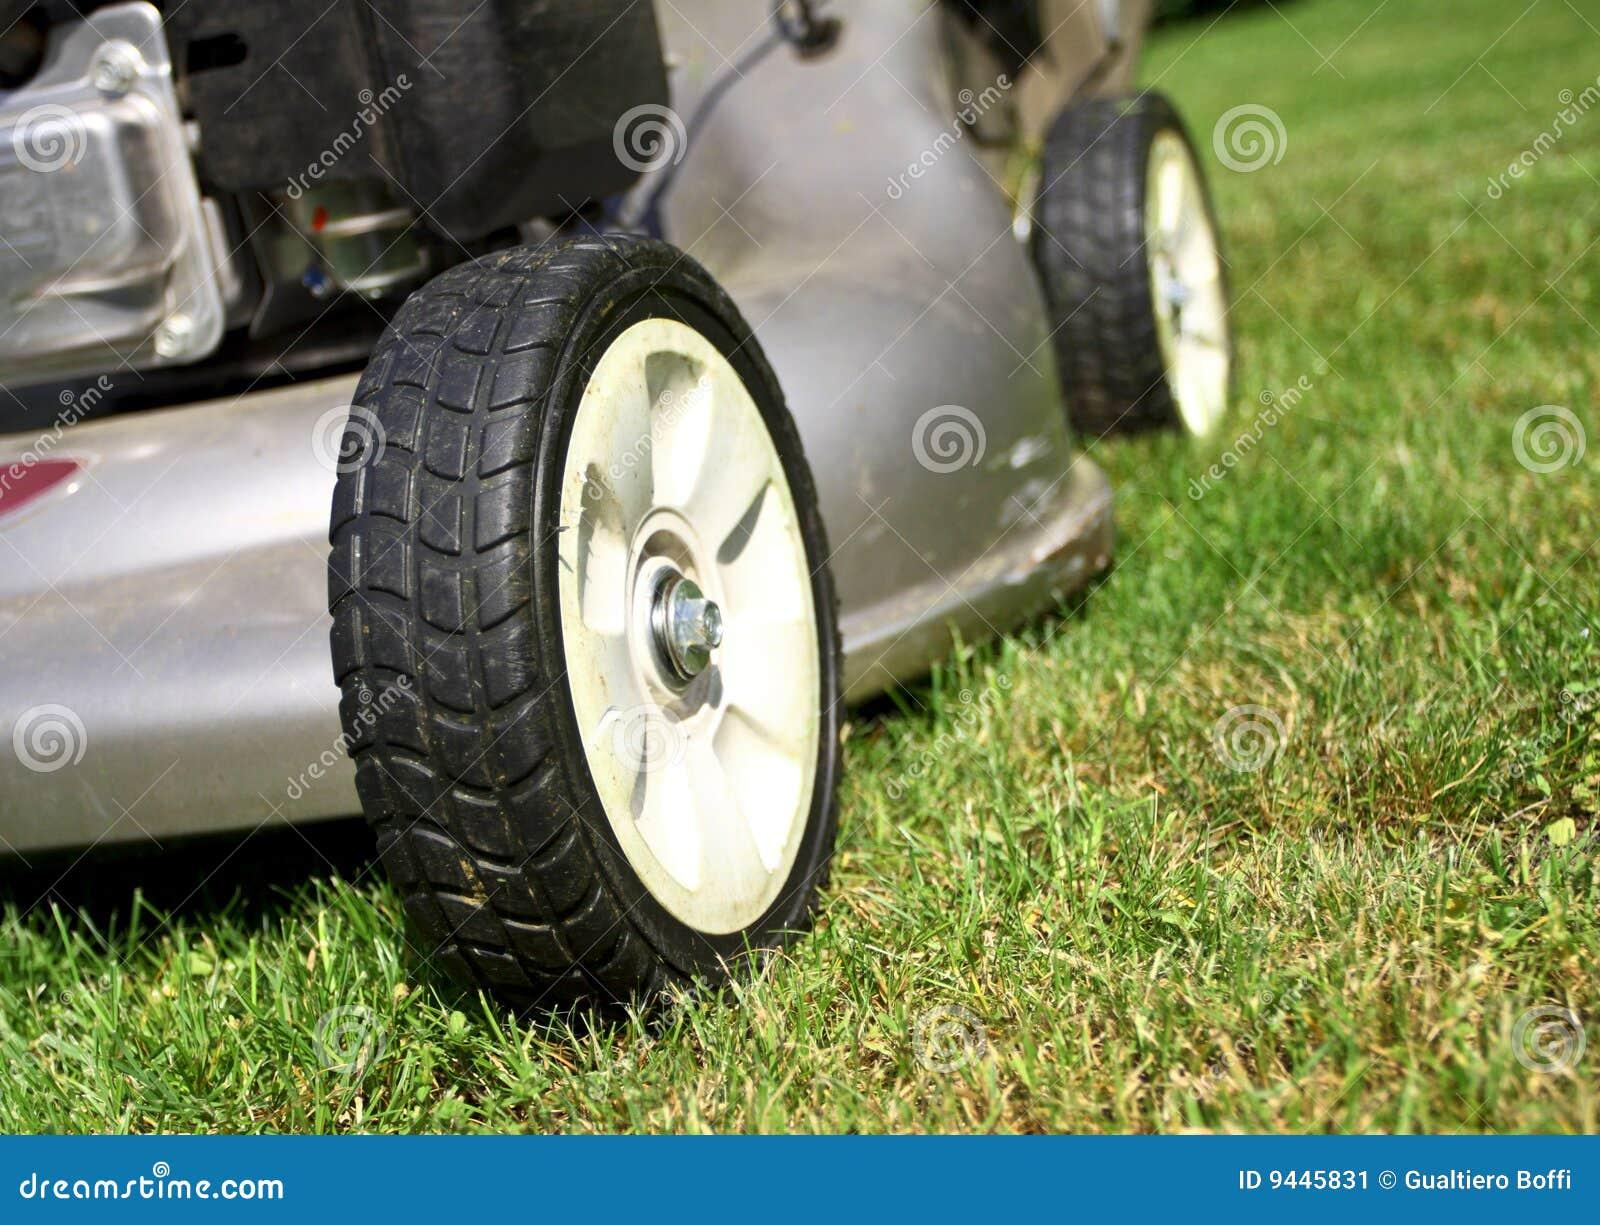 Lawn Mower detail